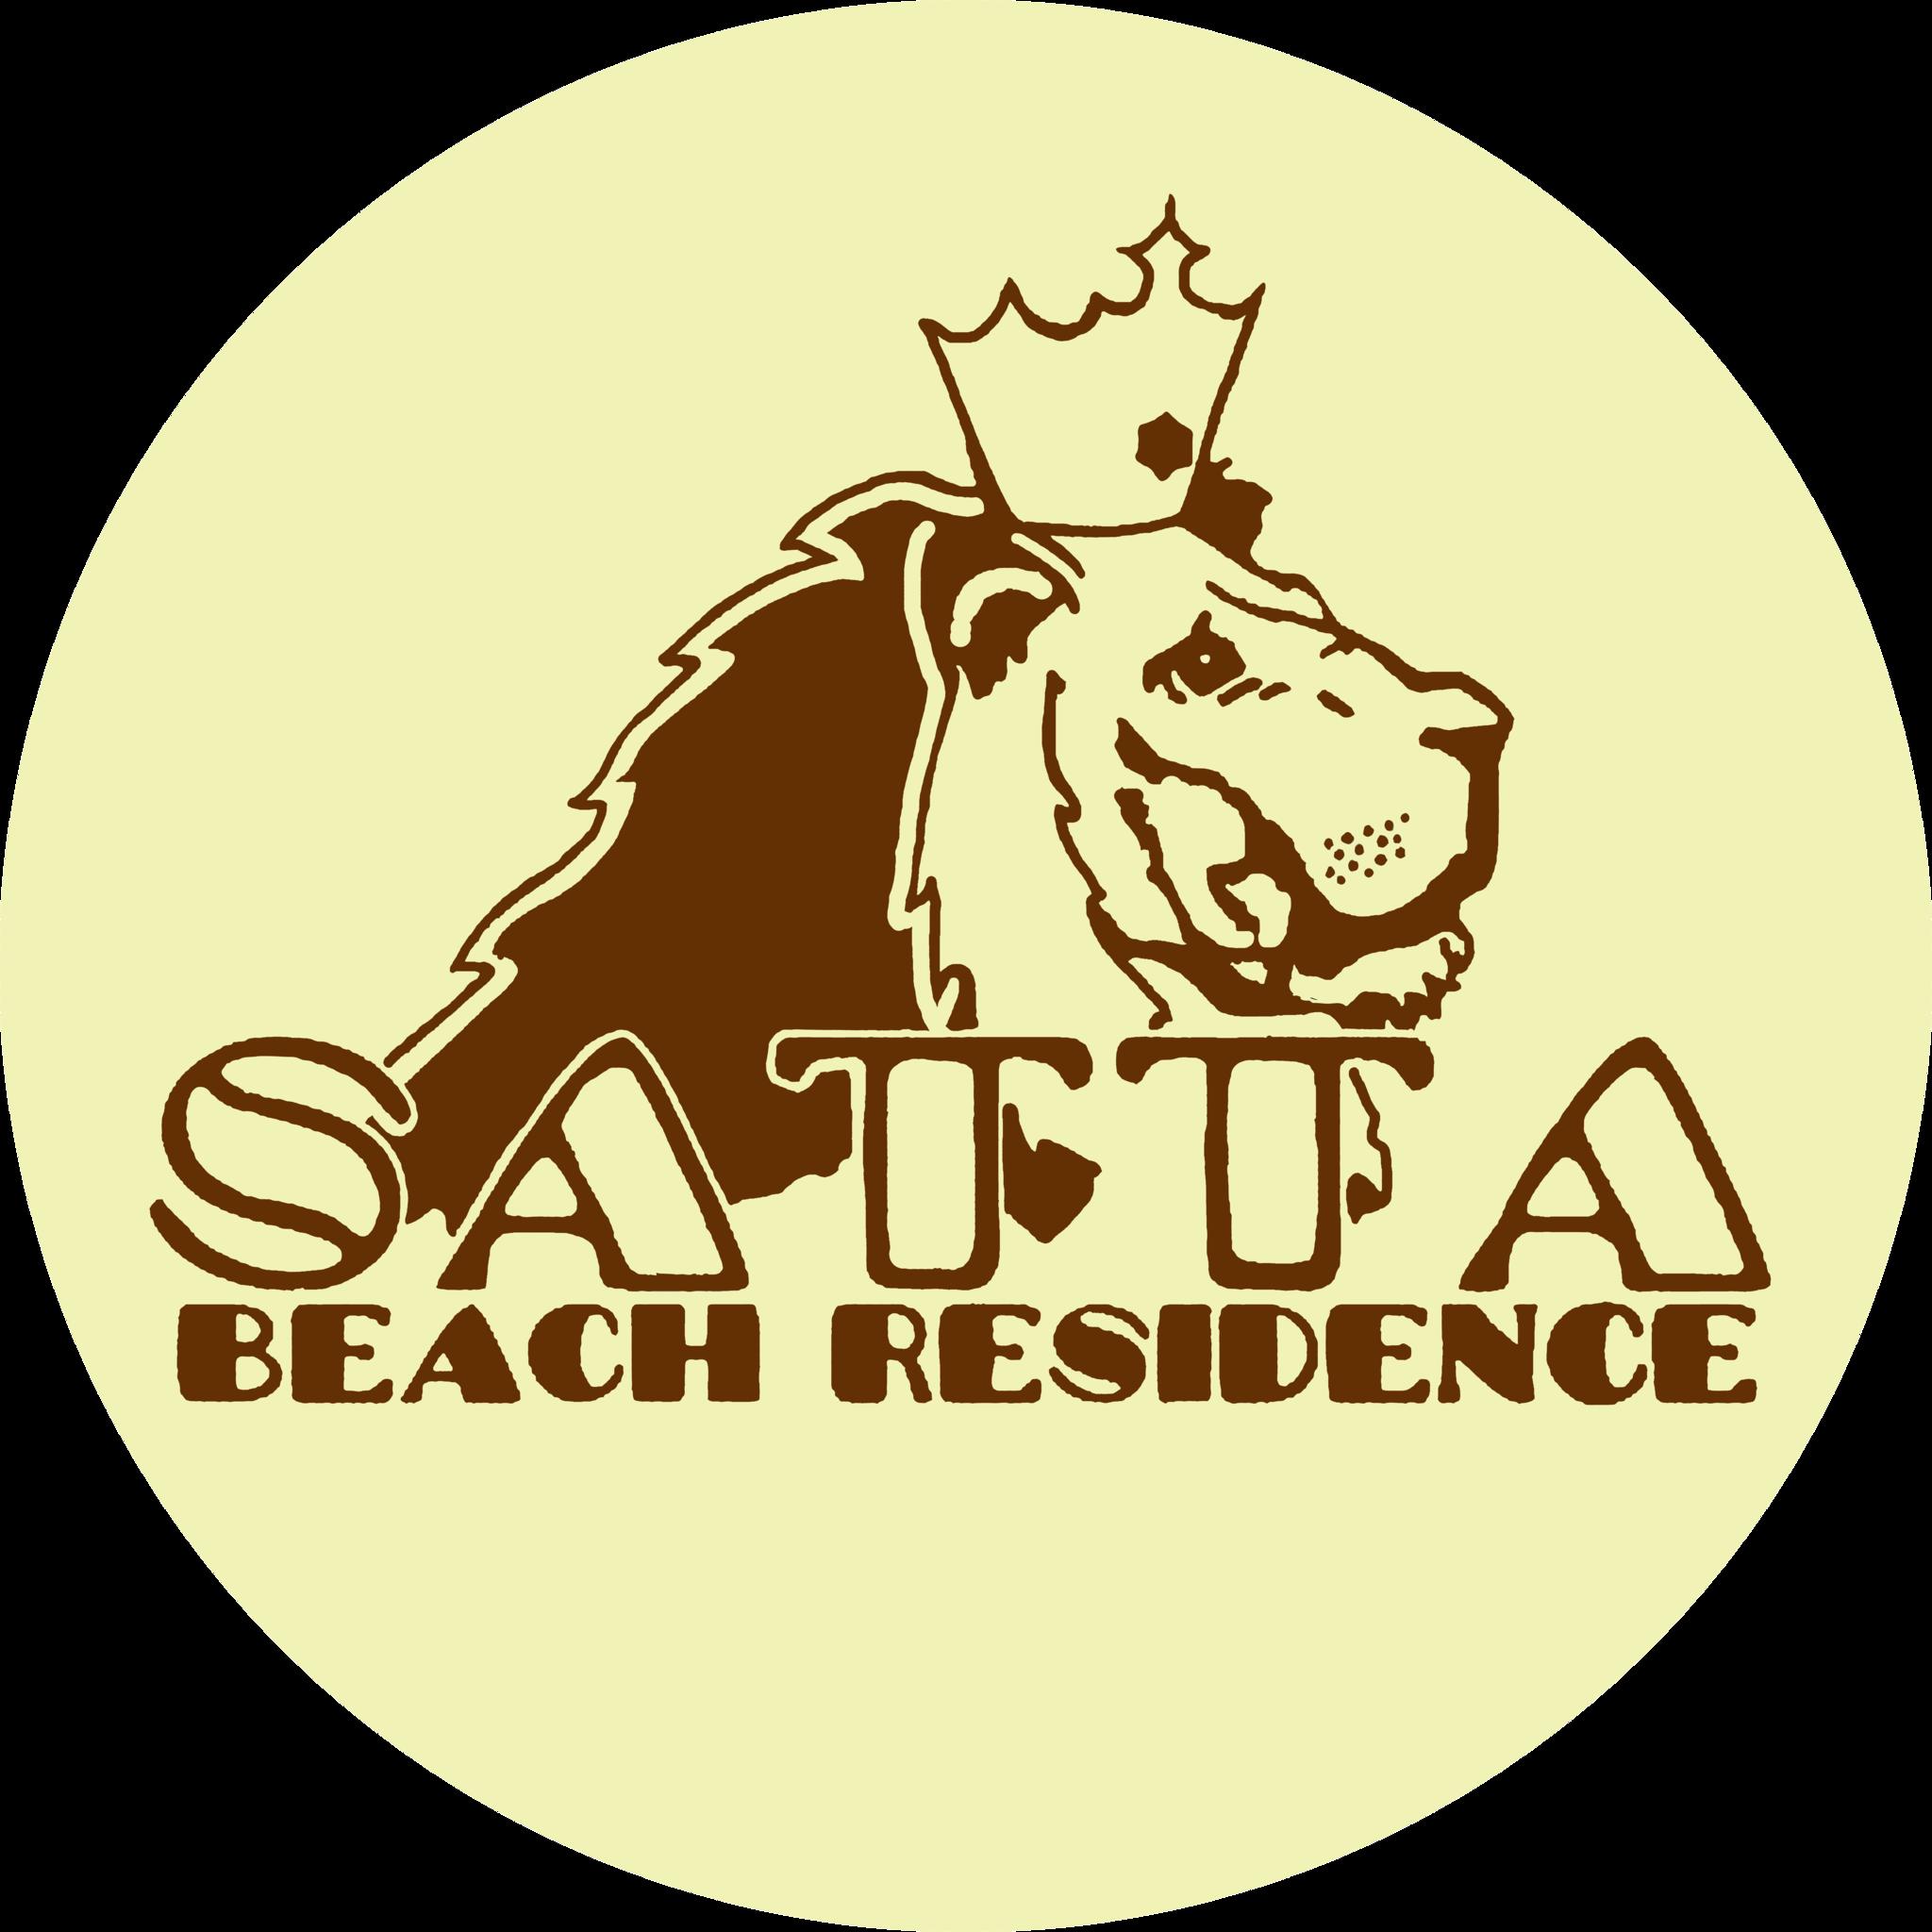 薩塔海灘酒店